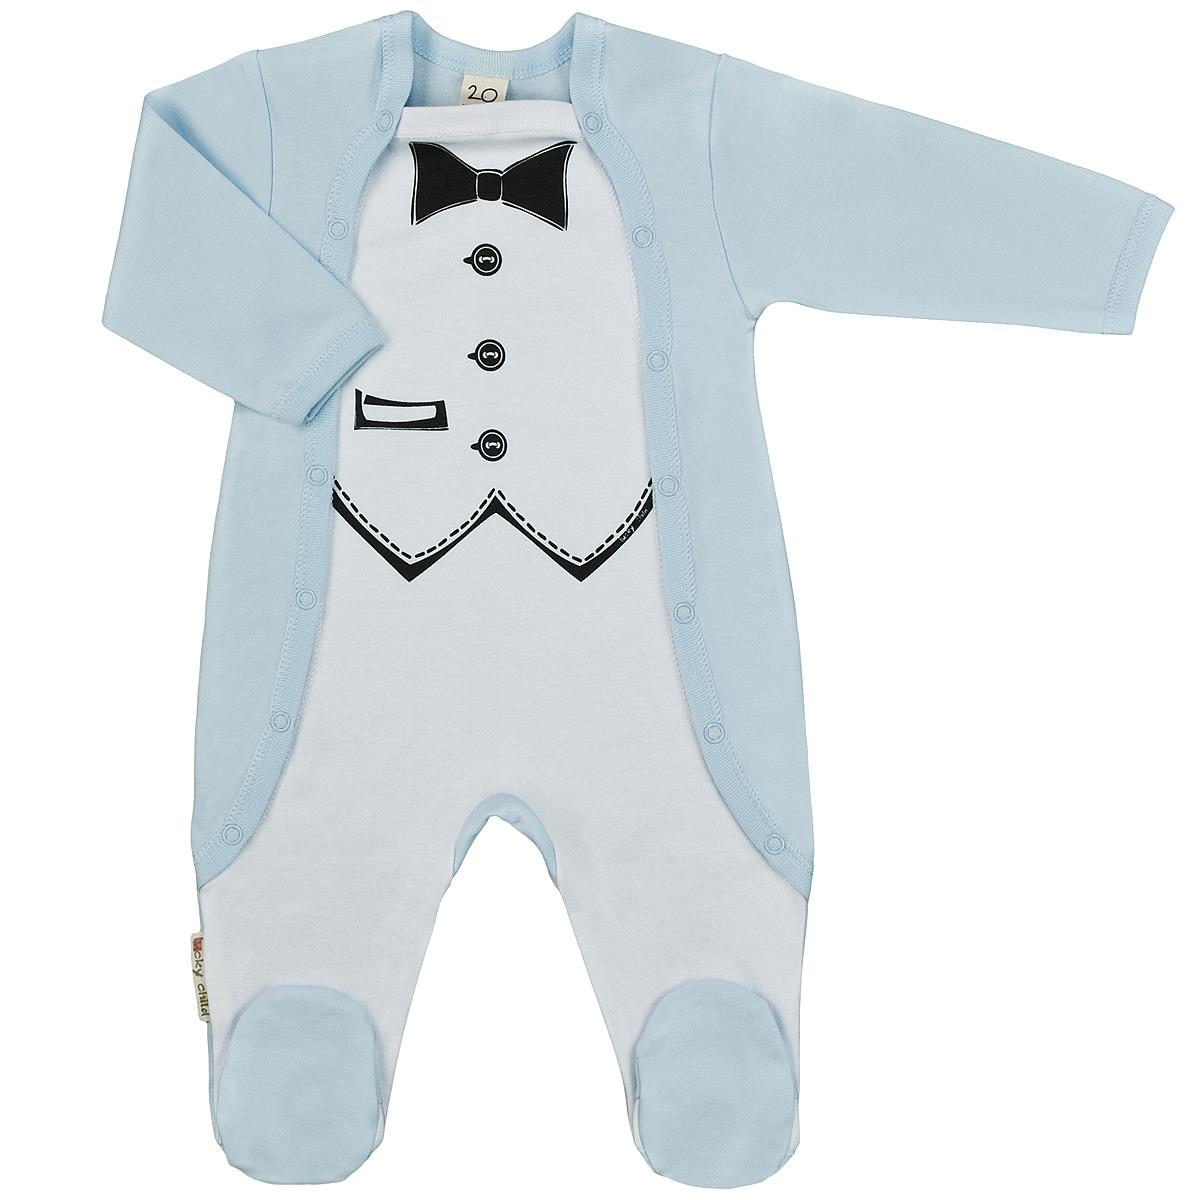 Комбинезон для мальчика Lucky Child, цвет: голубой, белый. 3-22. Размер 74/803-22Детский комбинезон для мальчика Lucky Child - очень удобный и практичный вид одежды для малышей. Комбинезон выполнен из интерлока - натурального хлопка, благодаря чему он необычайно мягкий и приятный на ощупь, не раздражают нежную кожу ребенка и хорошо вентилируются, а эластичные швы приятны телу малыша и не препятствуют его движениям. Комбинезон с длинными рукавами и закрытыми ножками имеет застежки-кнопки по бокам от горловины до щиколоток, которые помогают легко переодеть младенца или сменить подгузник. Спереди он оформлен оригинальным принтом, имитирующим фрак с бабочкой. С детским комбинезоном Lucky Child спинка и ножки вашего малыша всегда будут в тепле, он идеален для использования днем и незаменим ночью. Комбинезон полностью соответствует особенностям жизни младенца в ранний период, не стесняя и не ограничивая его в движениях!